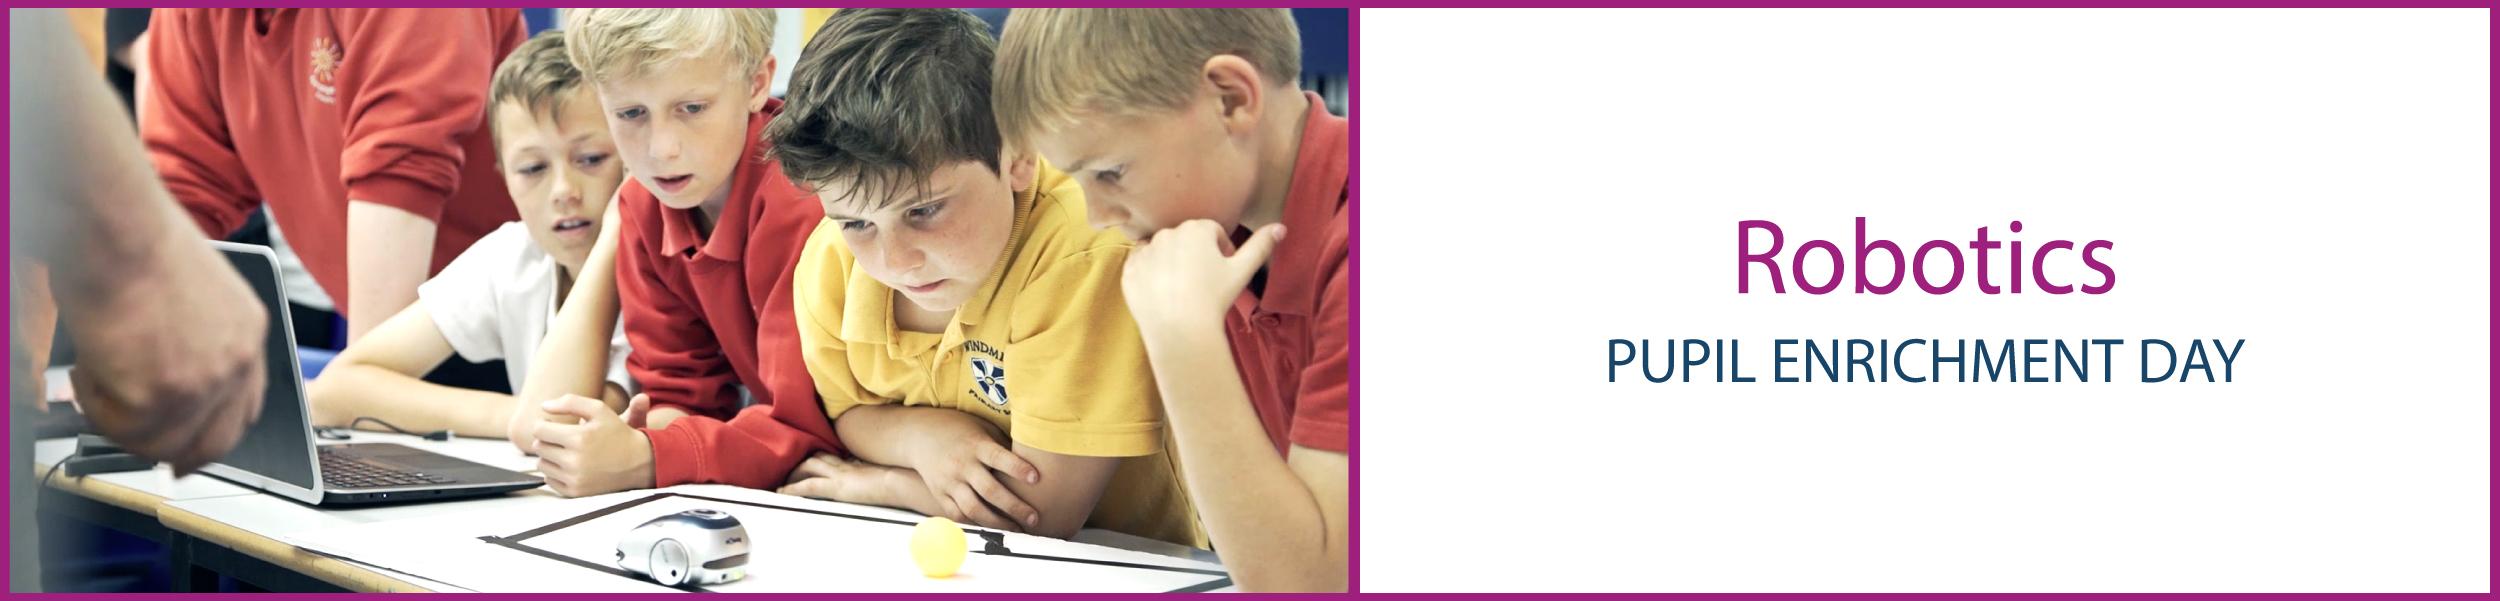 Robotics Pupil Enrichment Day